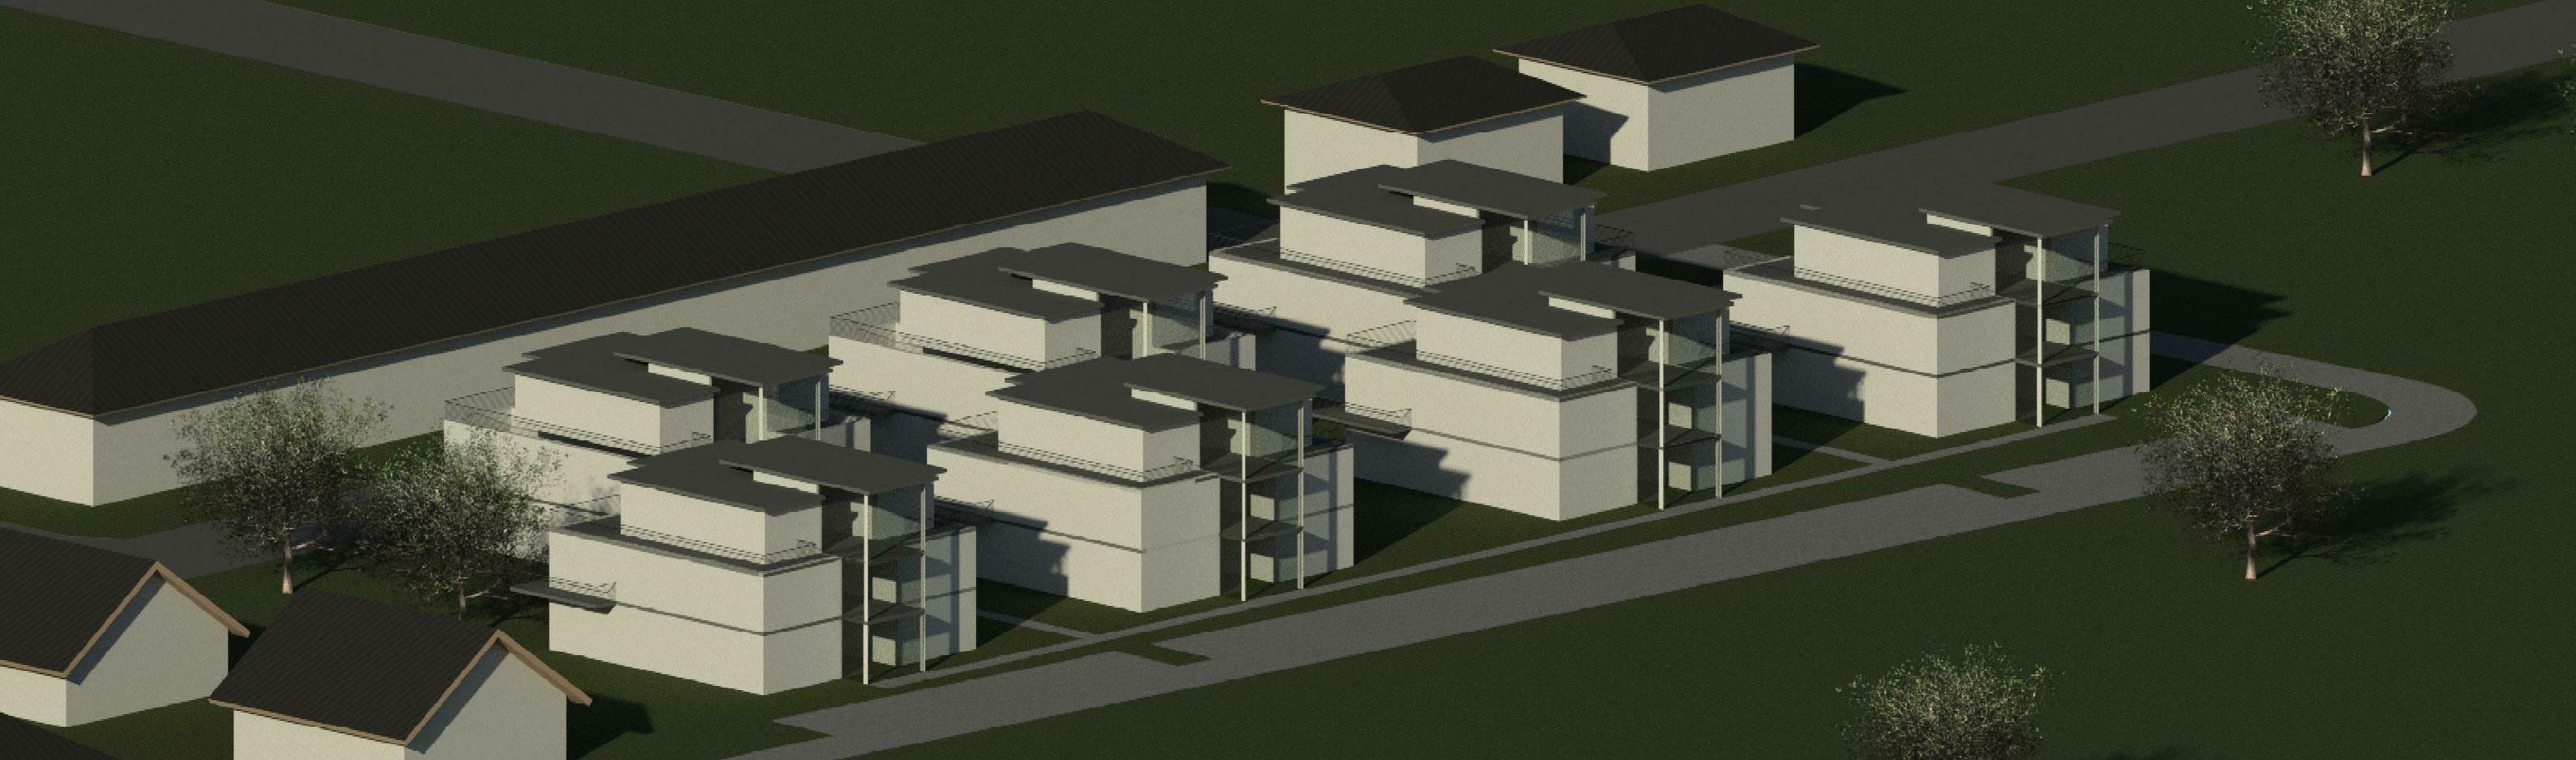 Architekt Heinrich 2019 – 2022 PROJEKTENTWICKLUNG / NEUBAU VON EBERSWALDE